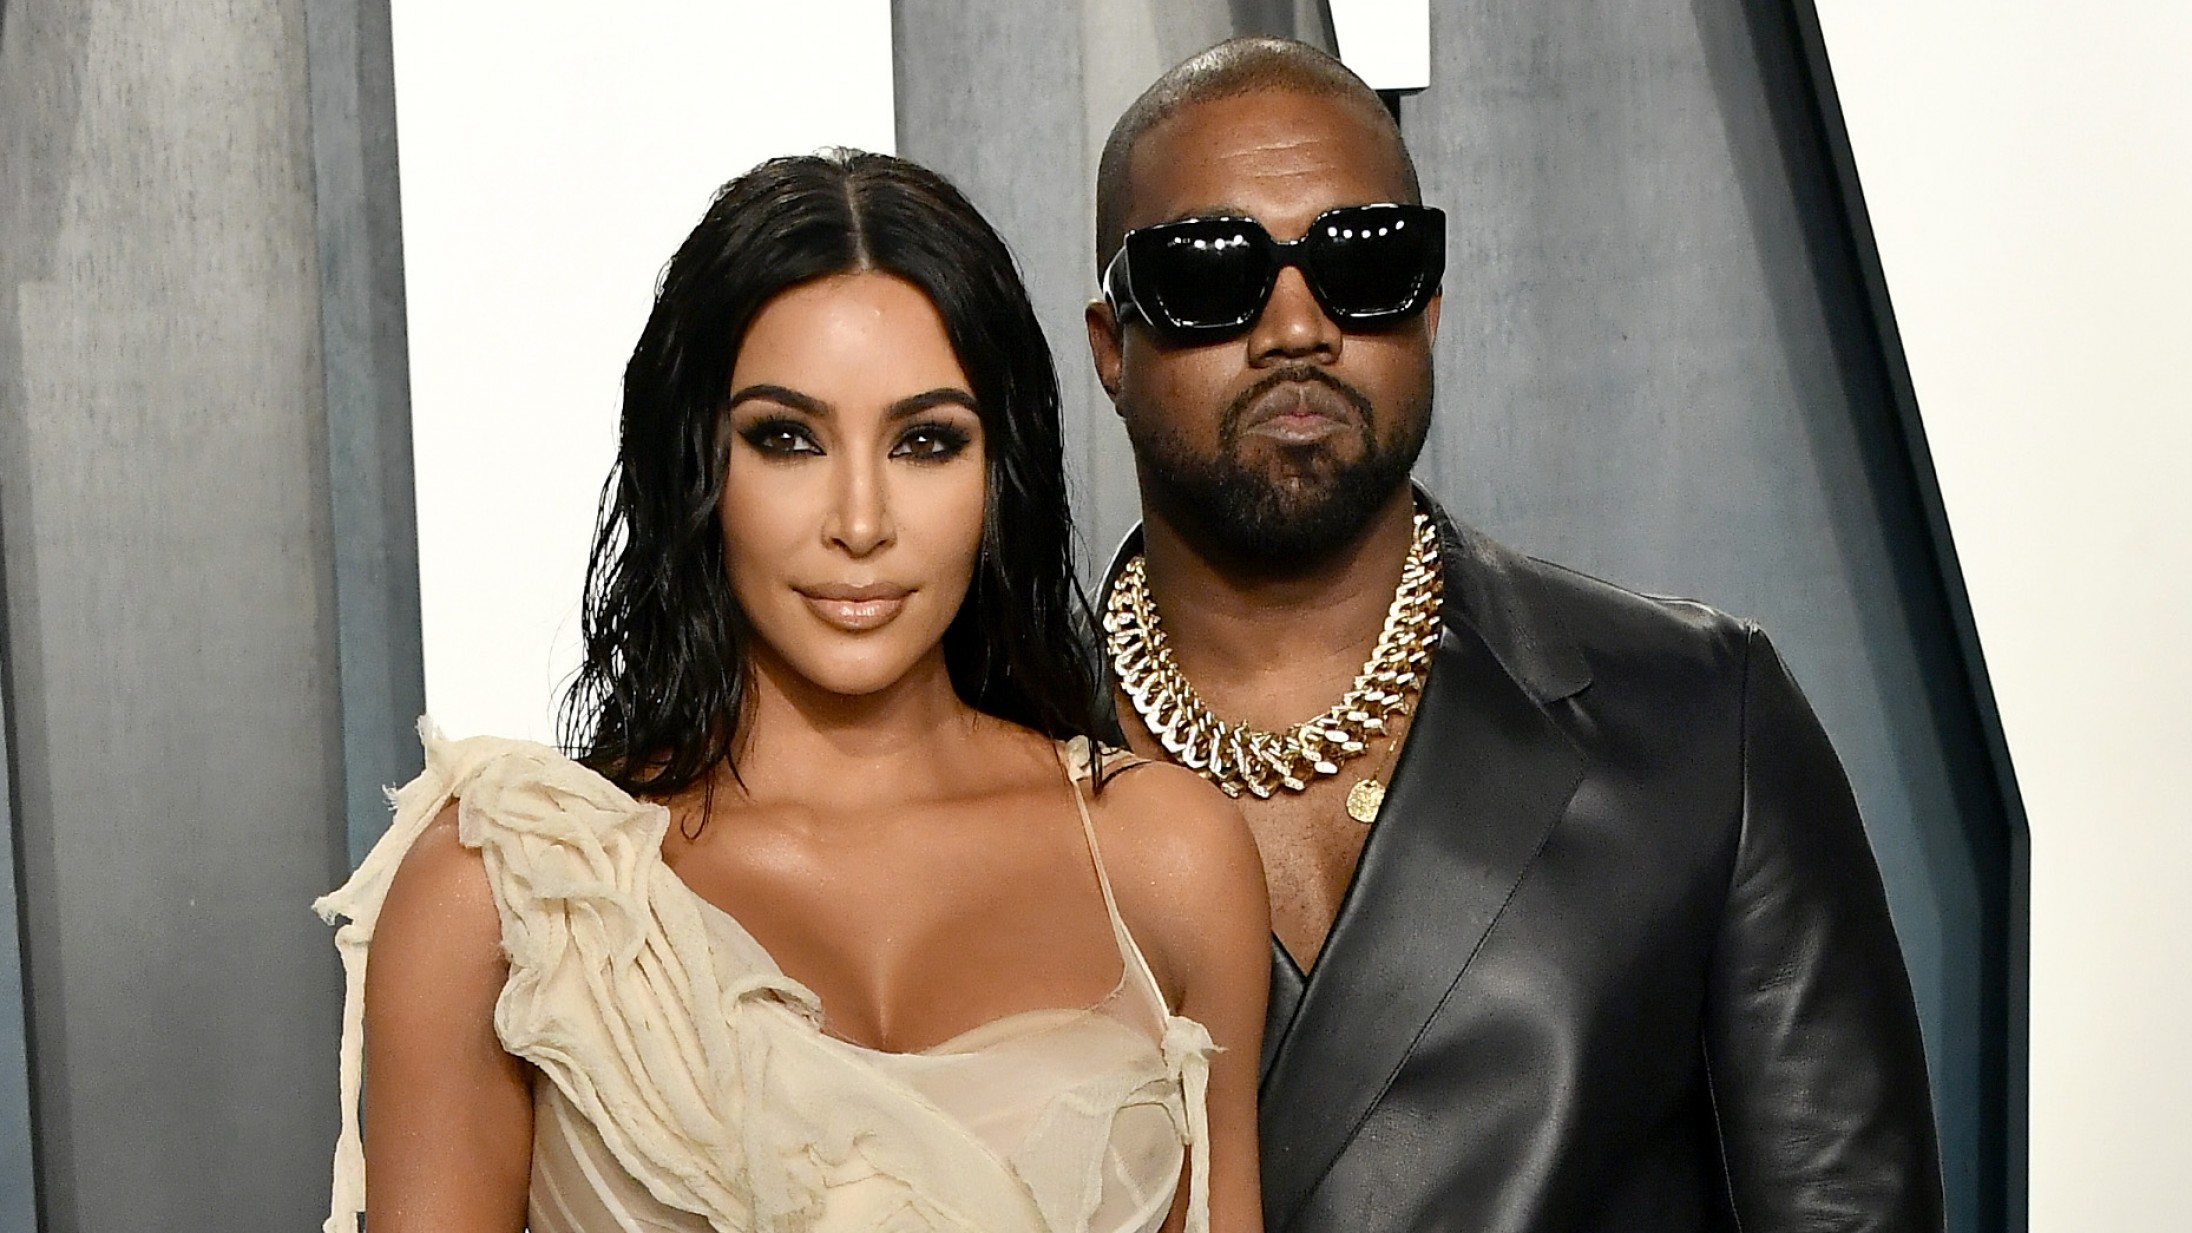 Så er det officielt: Kanye West og Kim Kardashian skal skilles